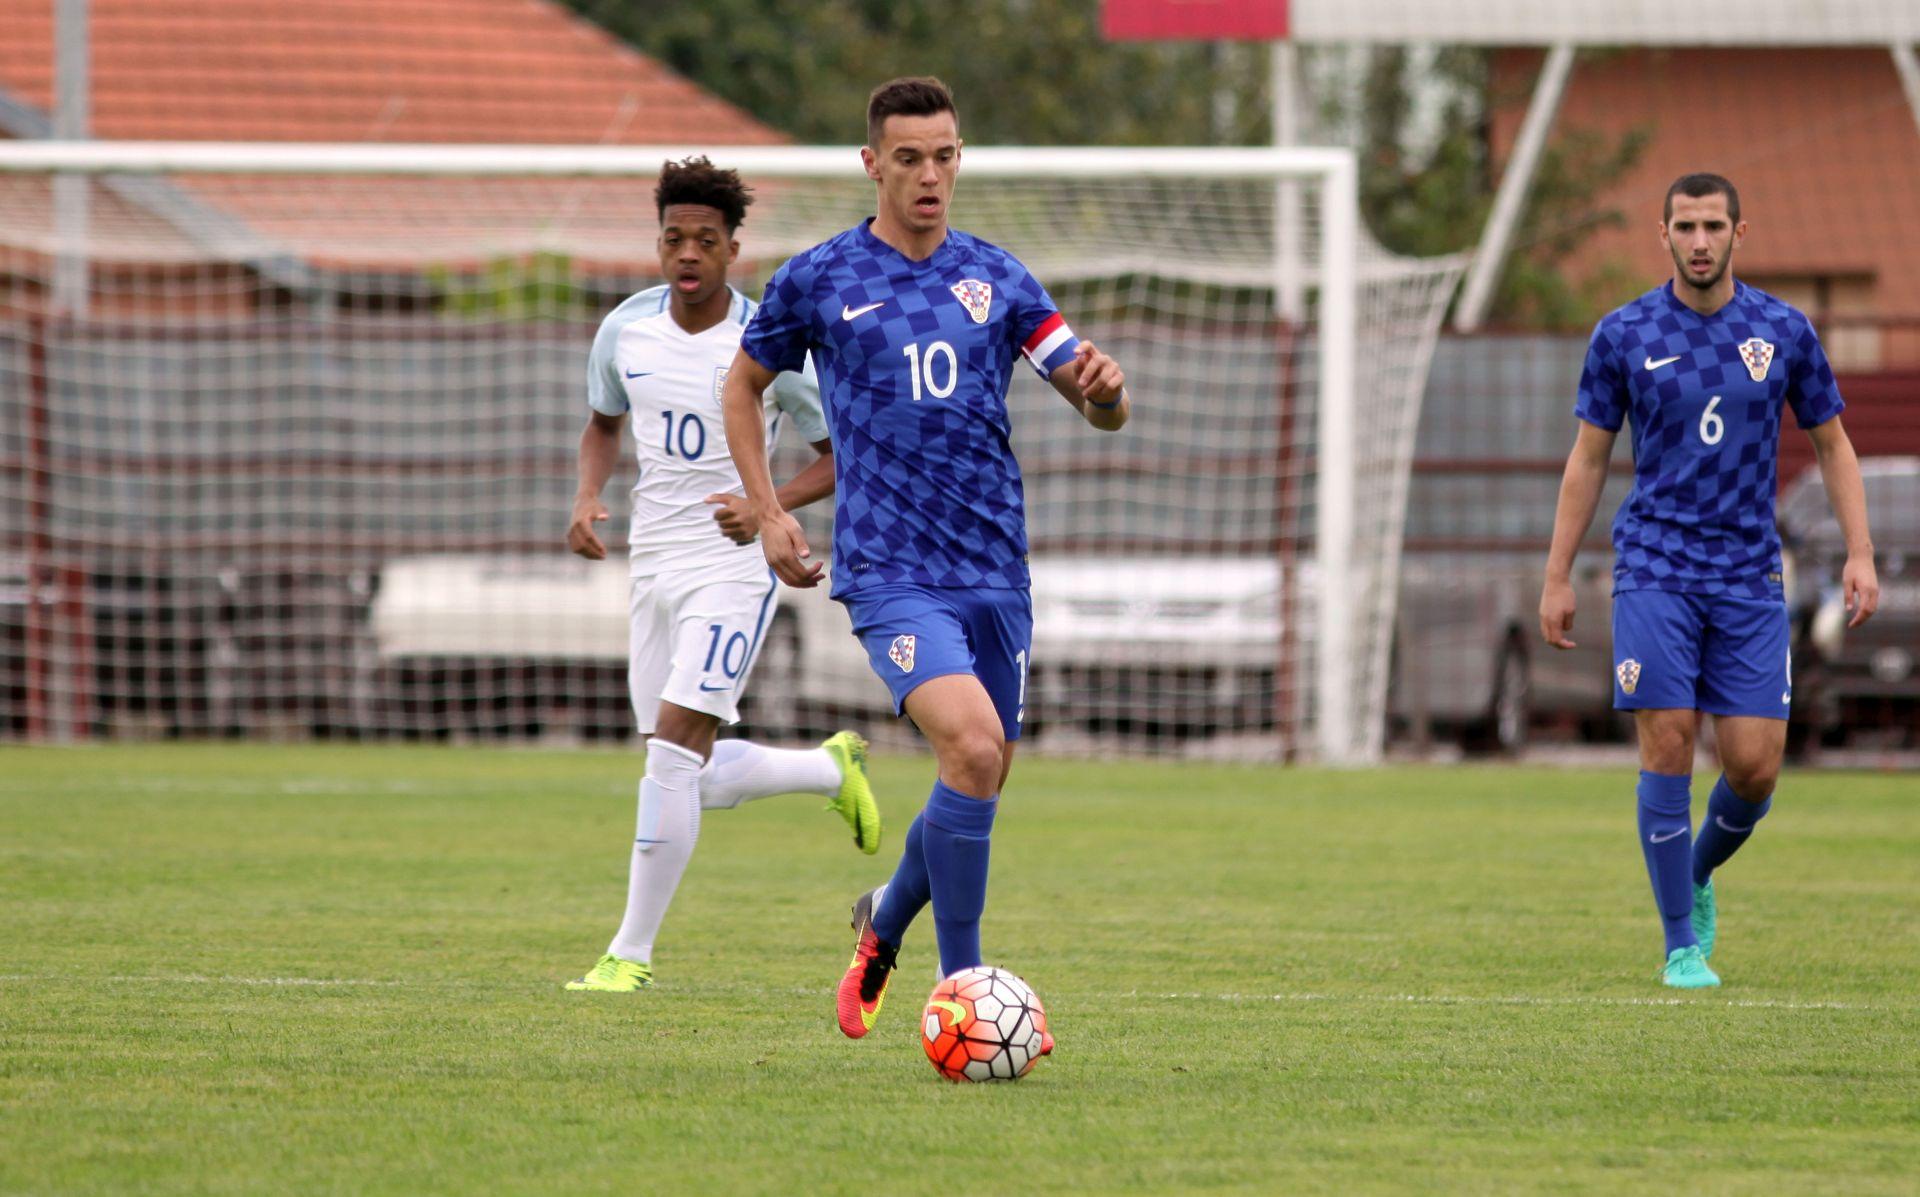 Poraz Hrvatske U-19 reprezentacije